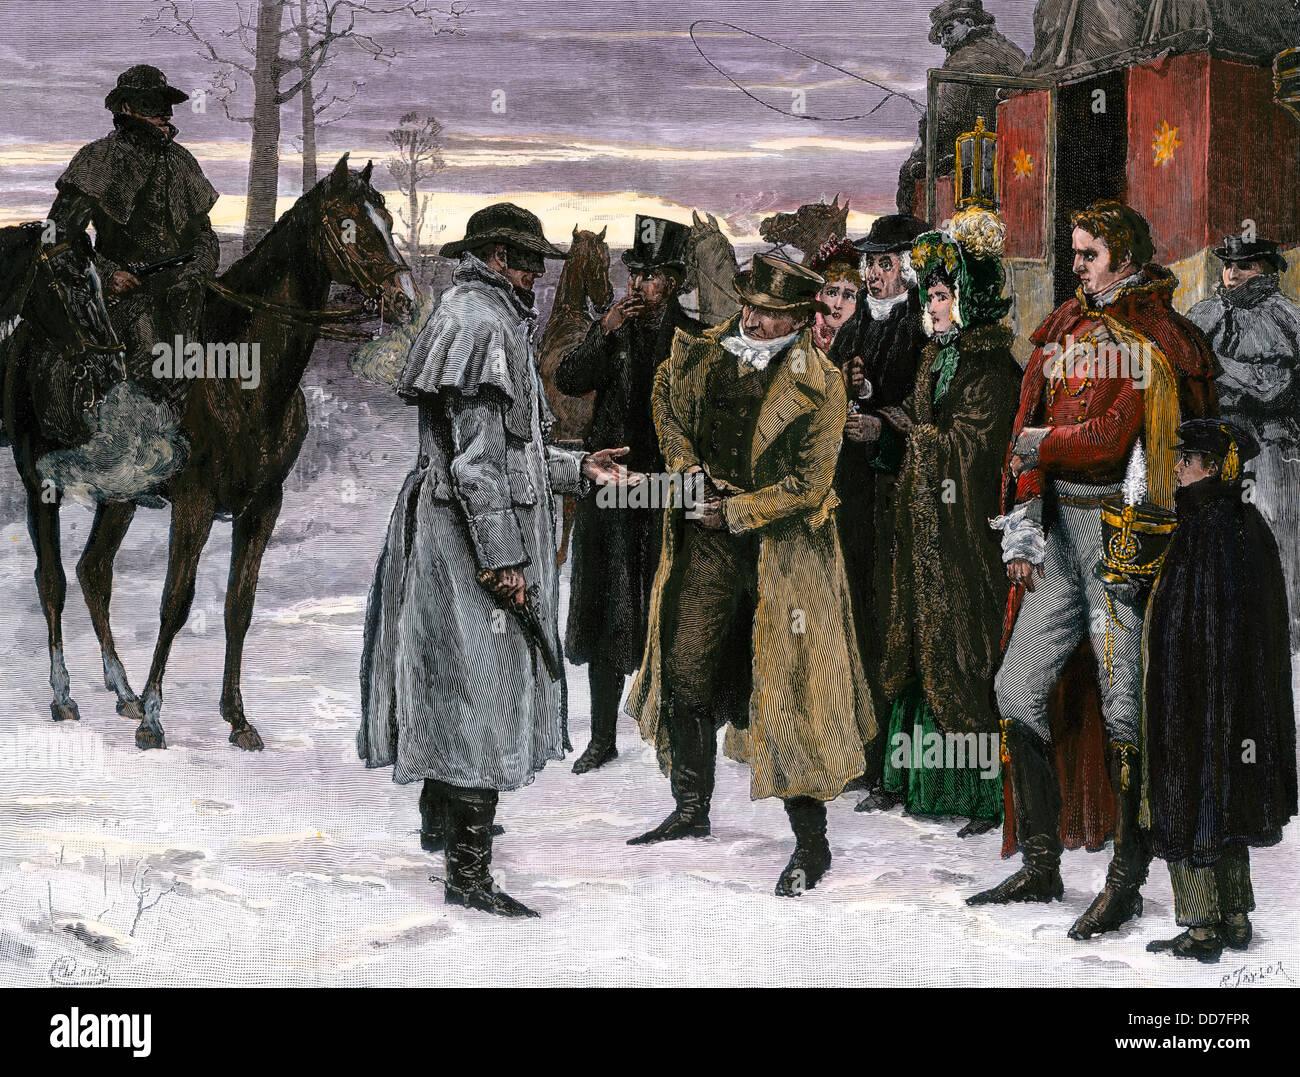 Banditi di rapinare stagecoach passeggeri su il Re della strada statale, Inghilterra, 1700s. Immagini Stock